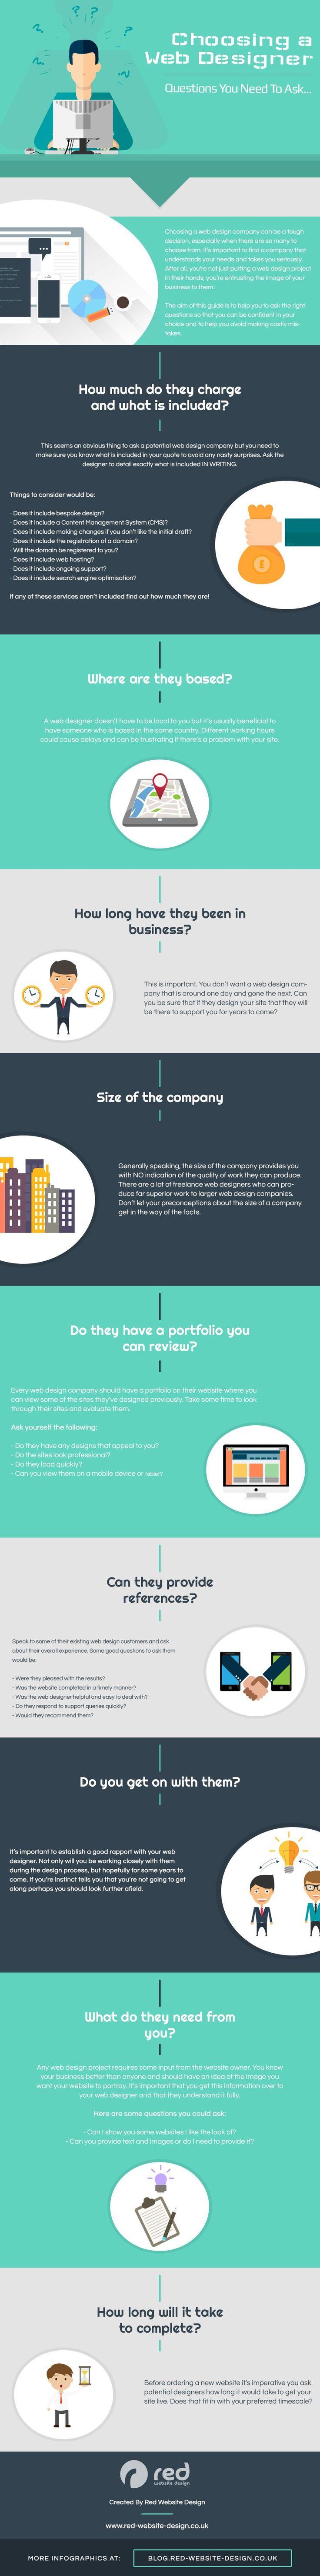 60 best Web Design images on Pinterest | Design websites, Site ...